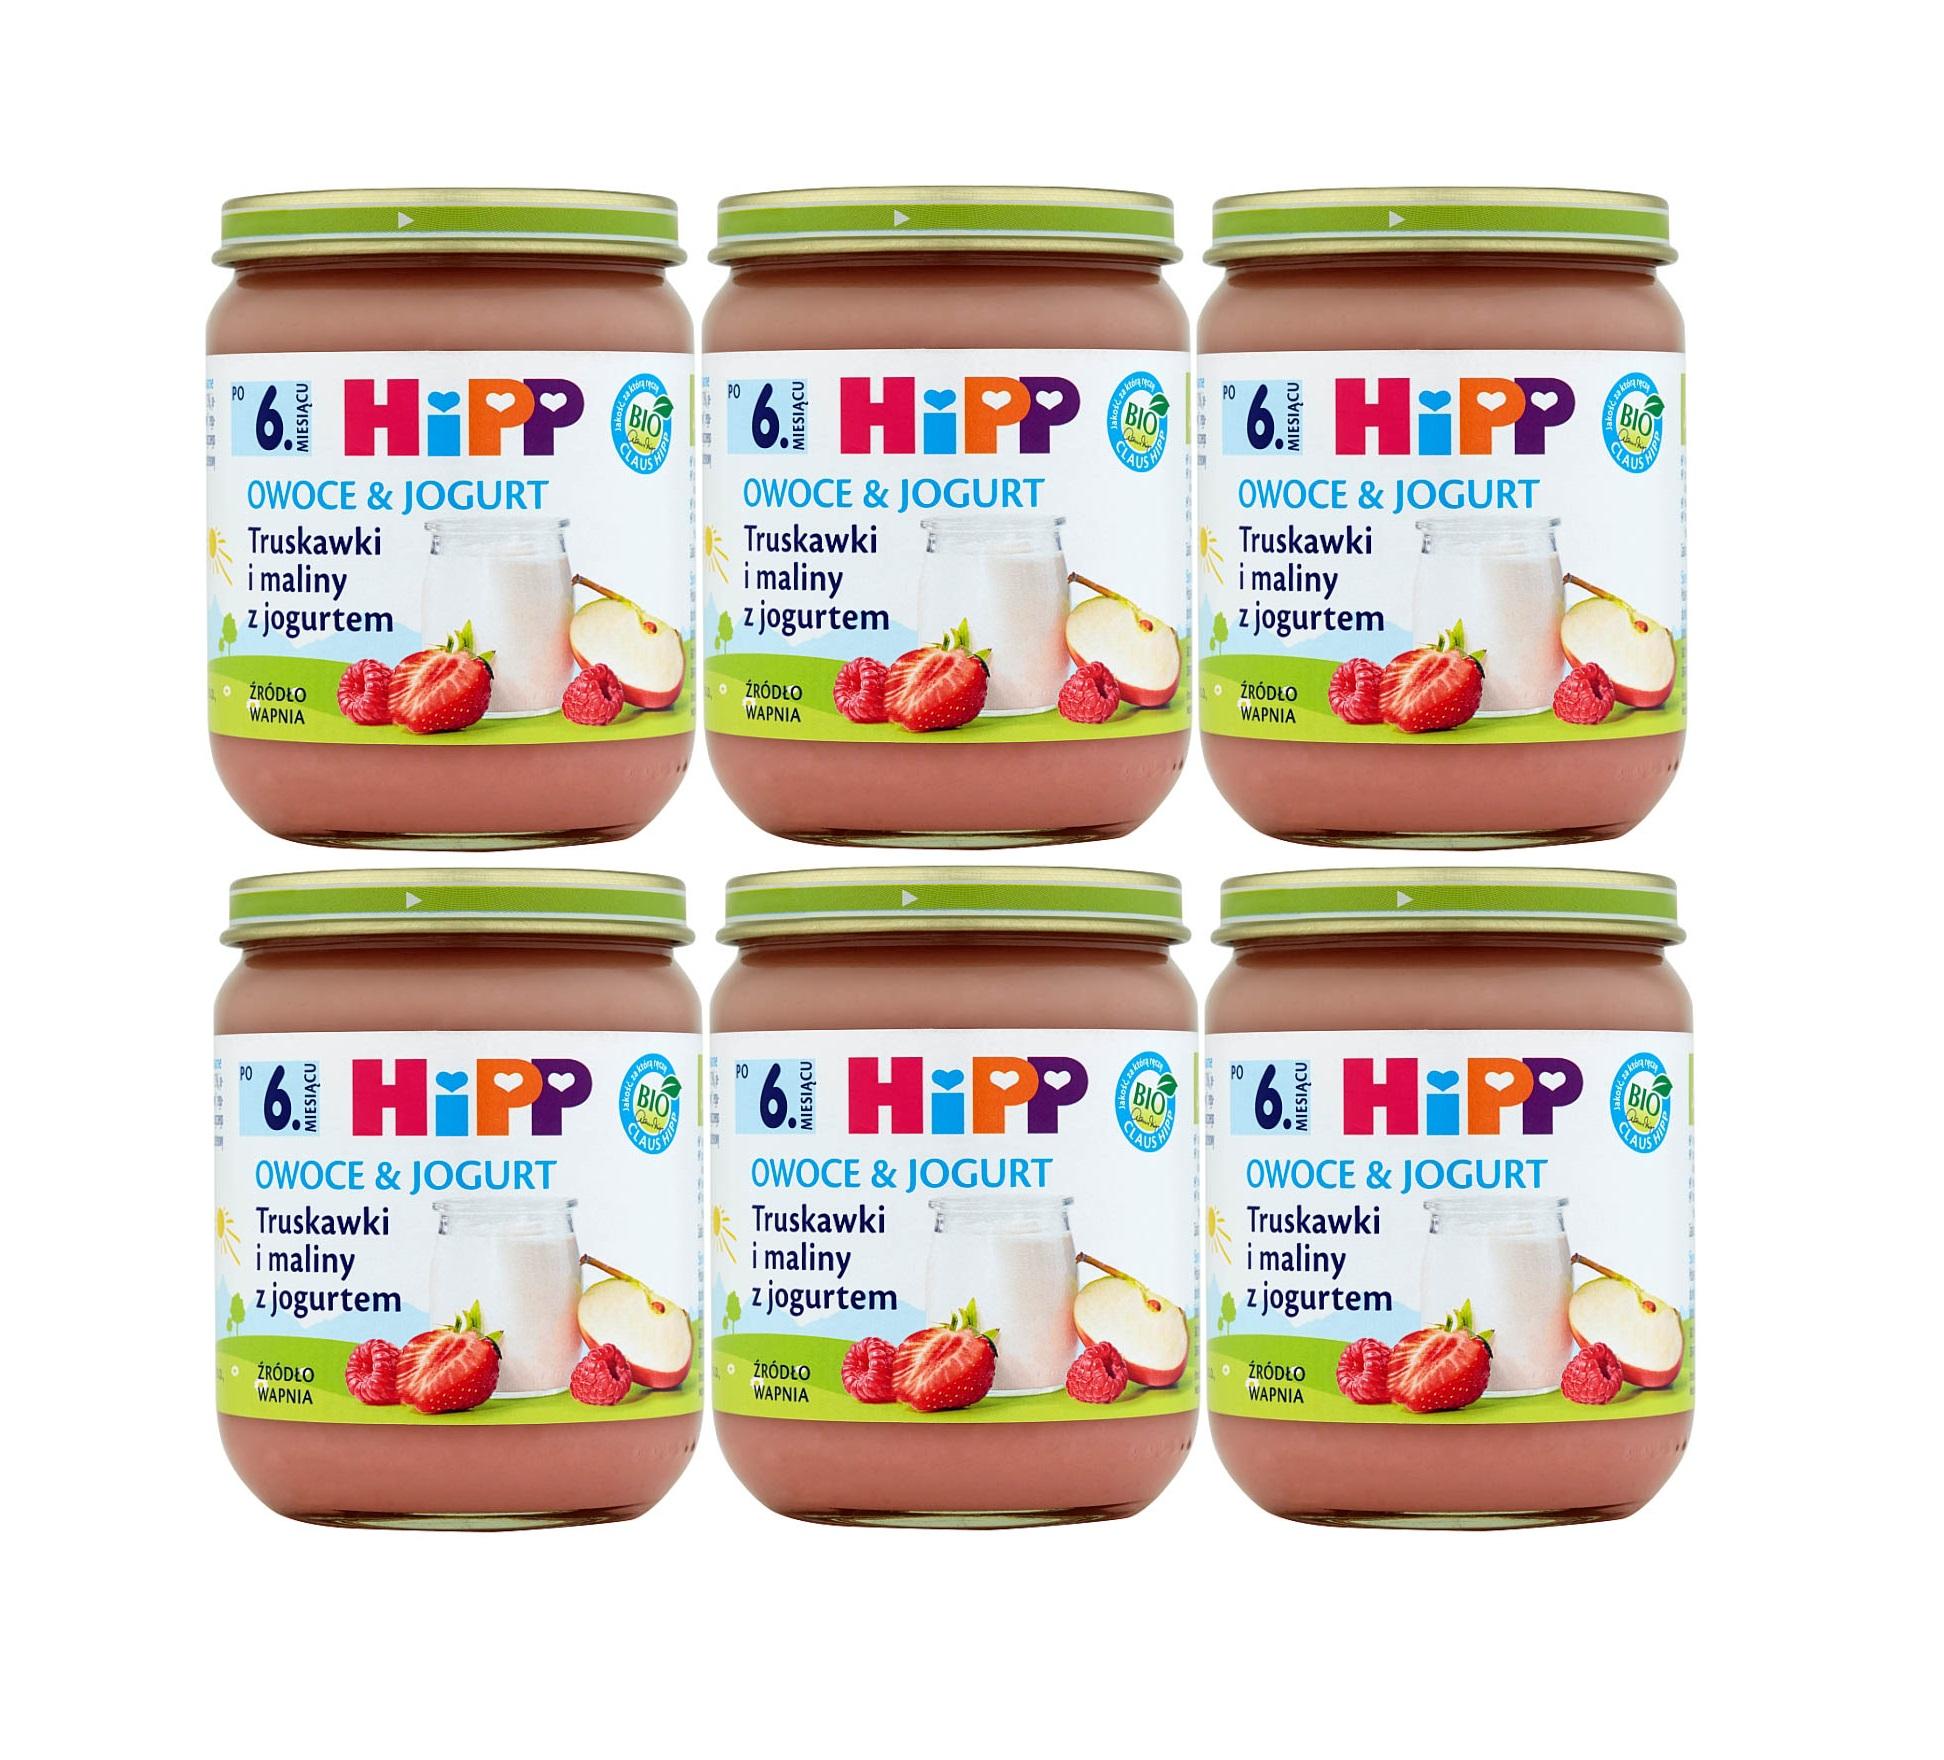 6 pak hipp 160 owocowy jogurt truskawk i maliny z jogurtem